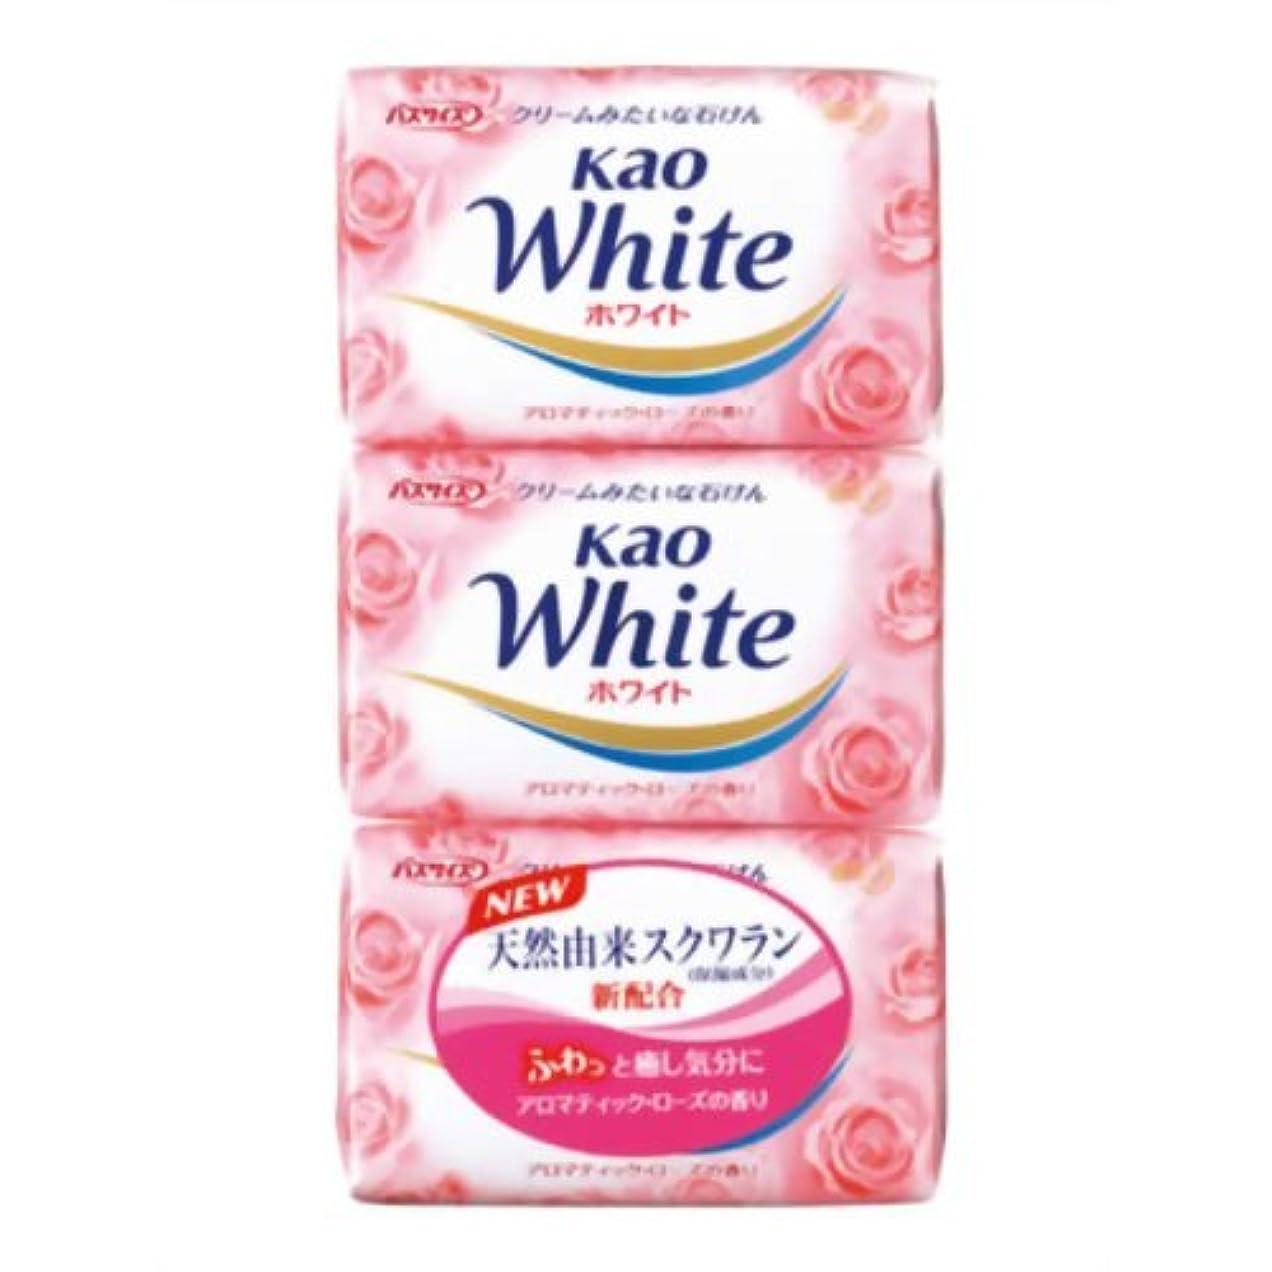 絶え間ないブーストミトン花王ホワイト アロマティックローズの香り バスサイズ 130g*3個入